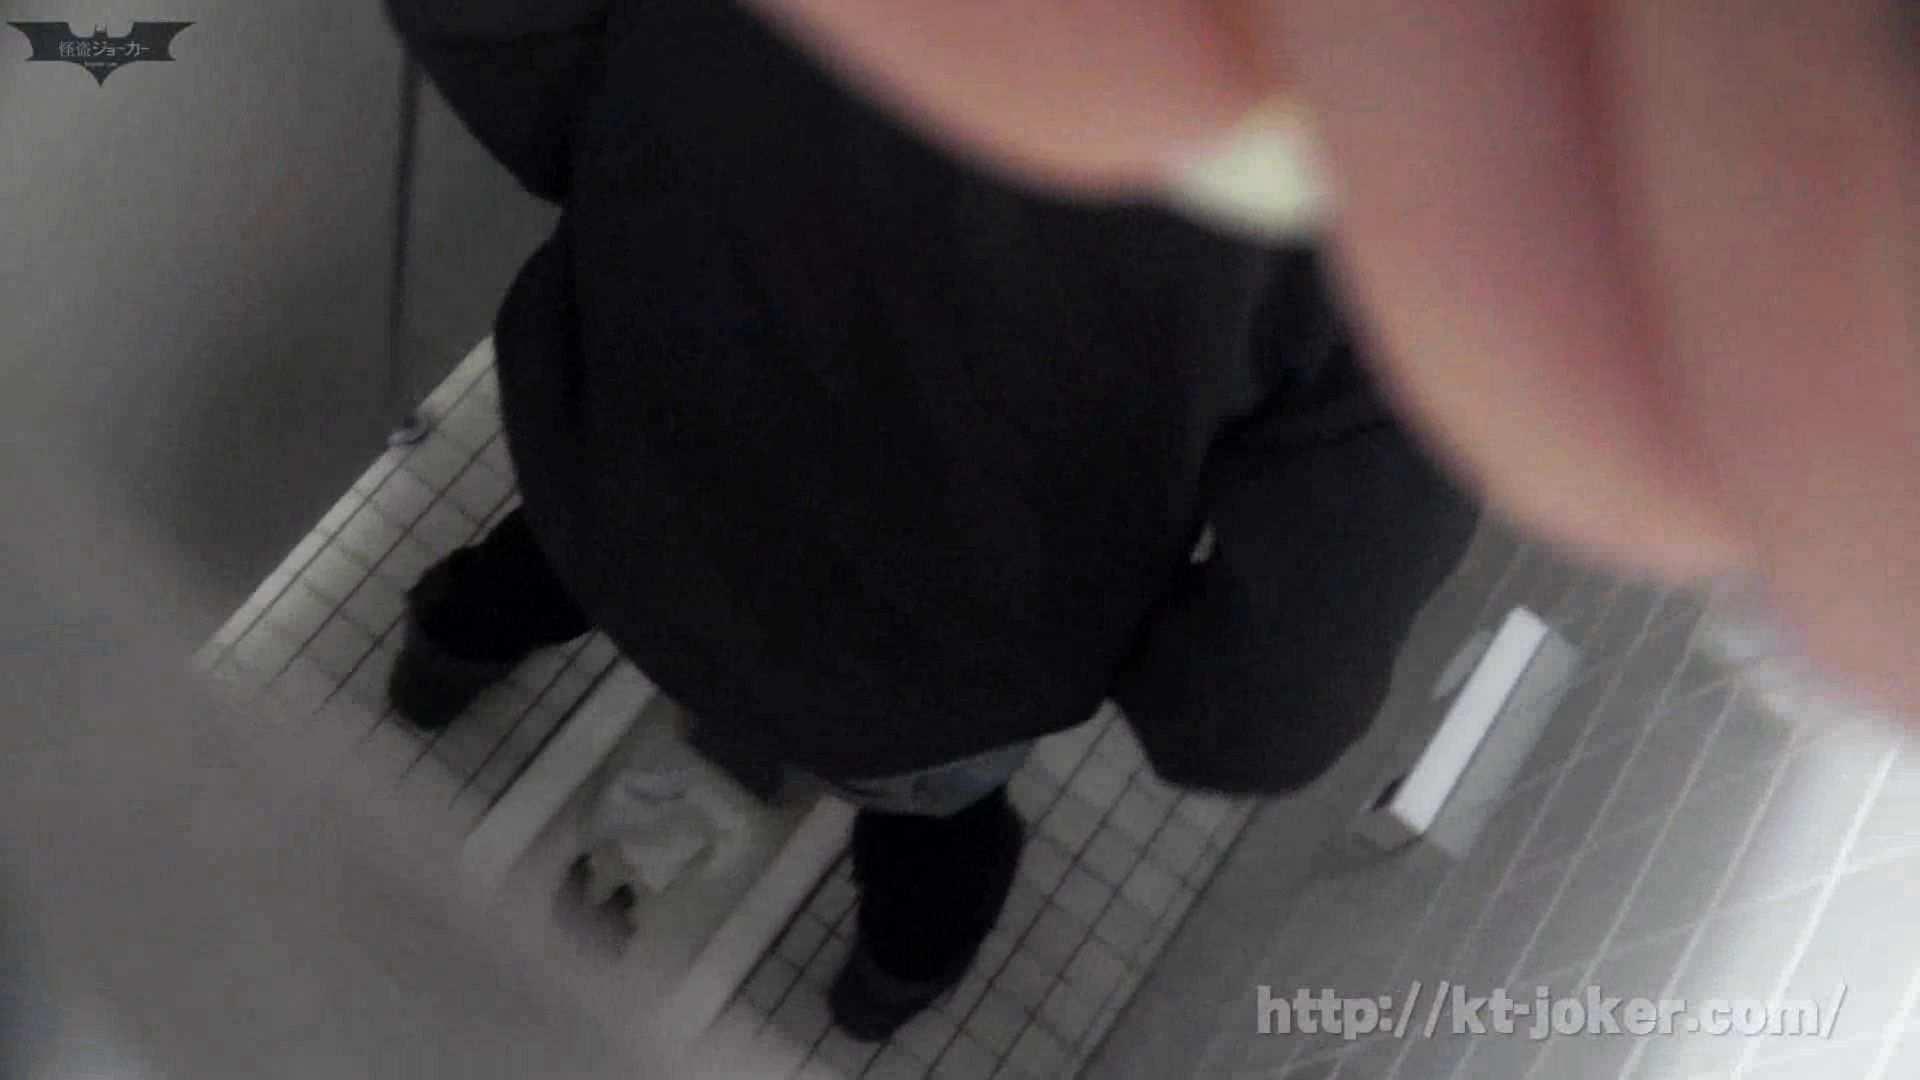 命がけ潜伏洗面所! vol.52 みなさんモリモリですね。 洗面所はめどり  62画像 42